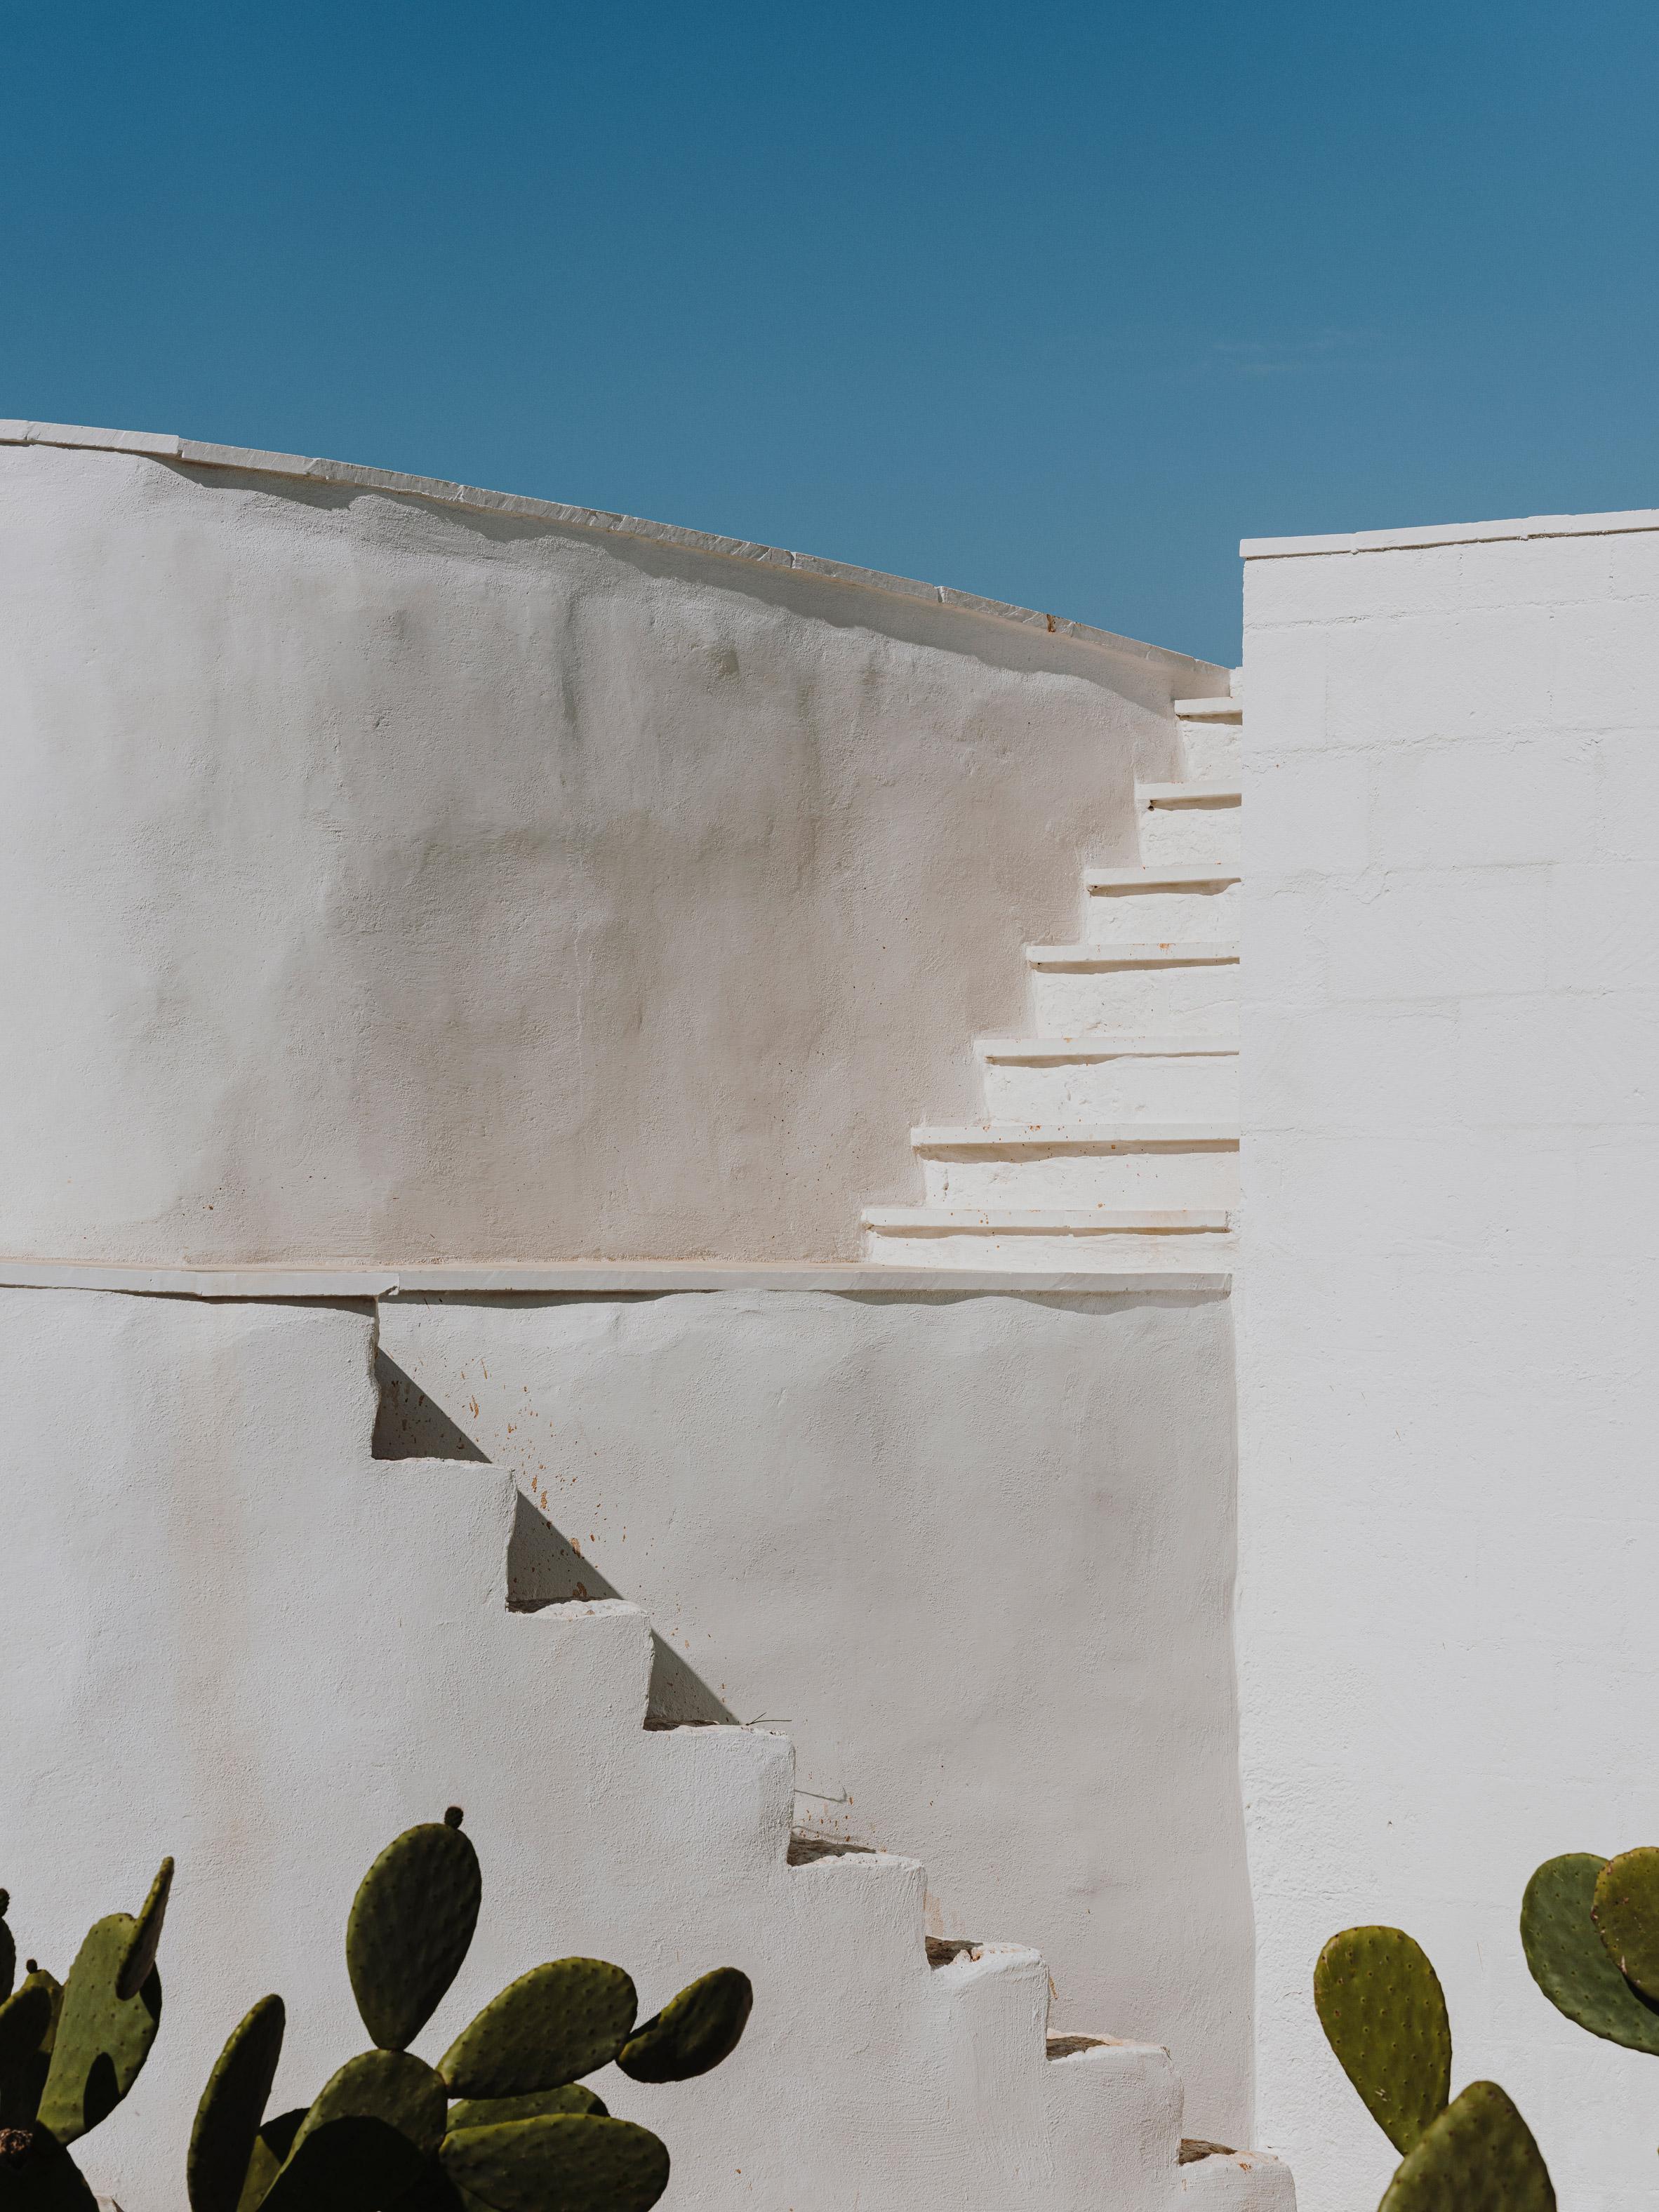 עיצוב עכשווי של בתים איטלקיים